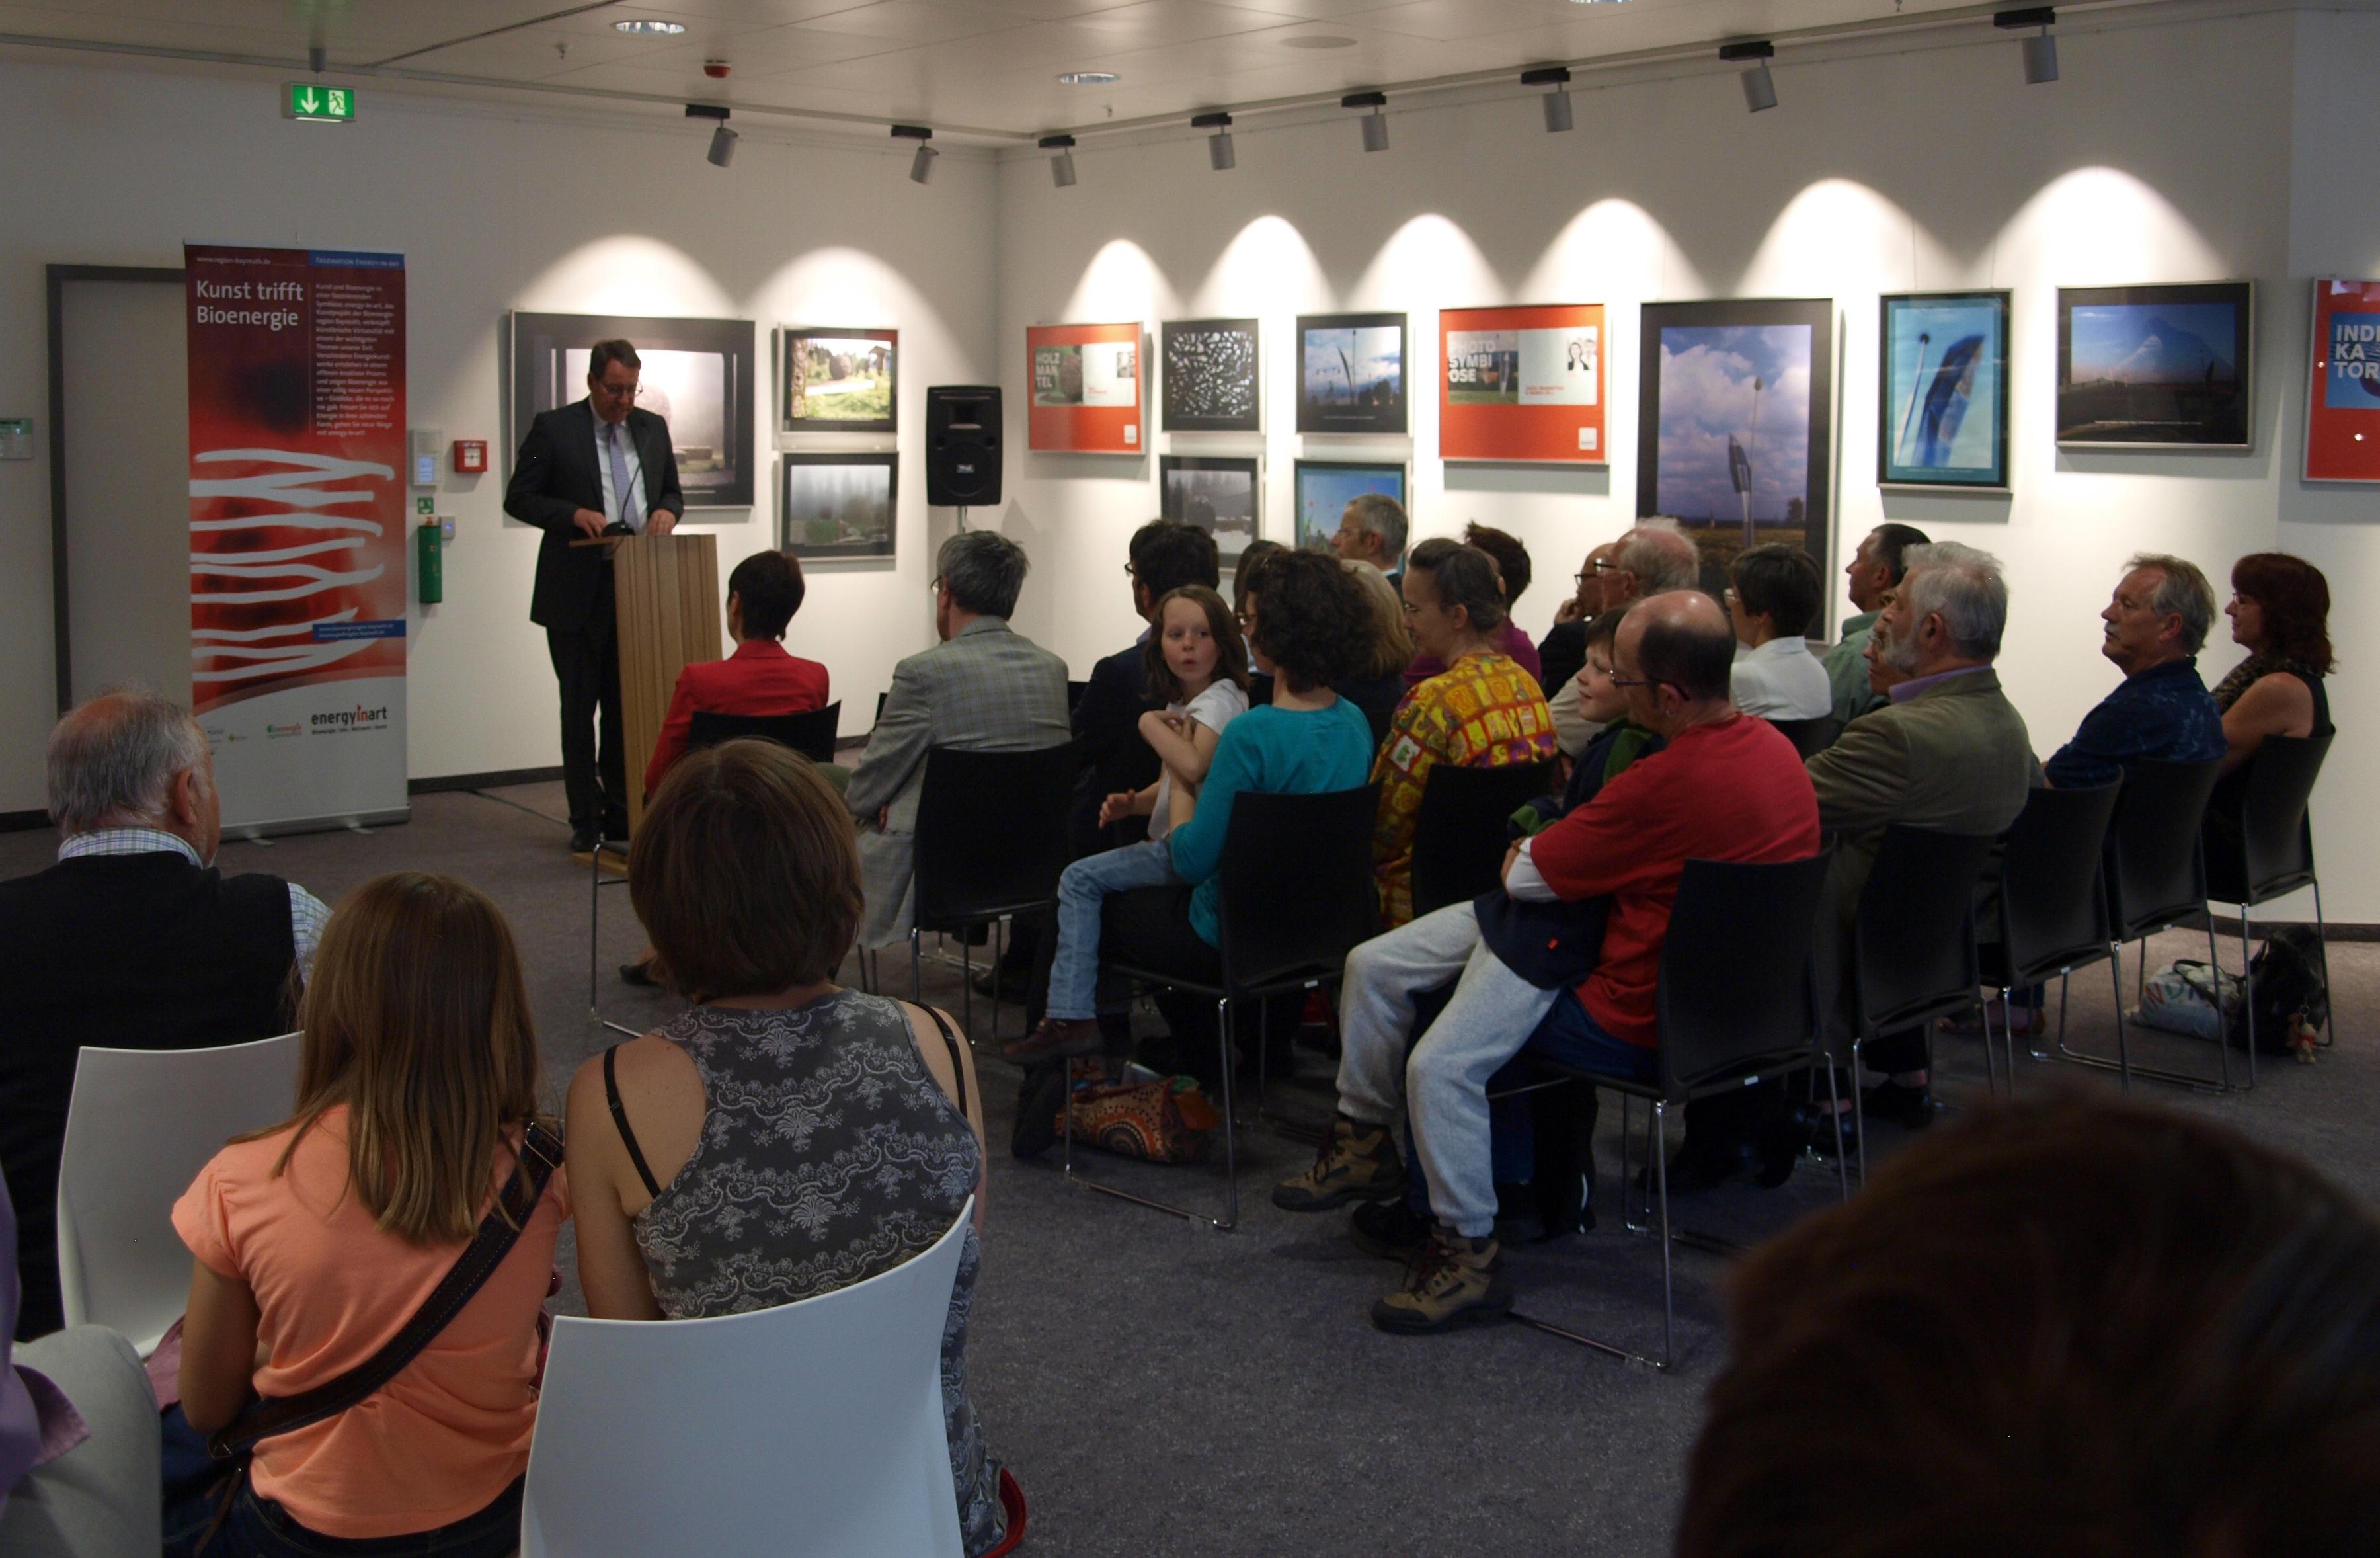 Der Fraktionsvorsitzende Dr. Stefan Specht eröffnete die Veranstaltung mit einem Grußwort.